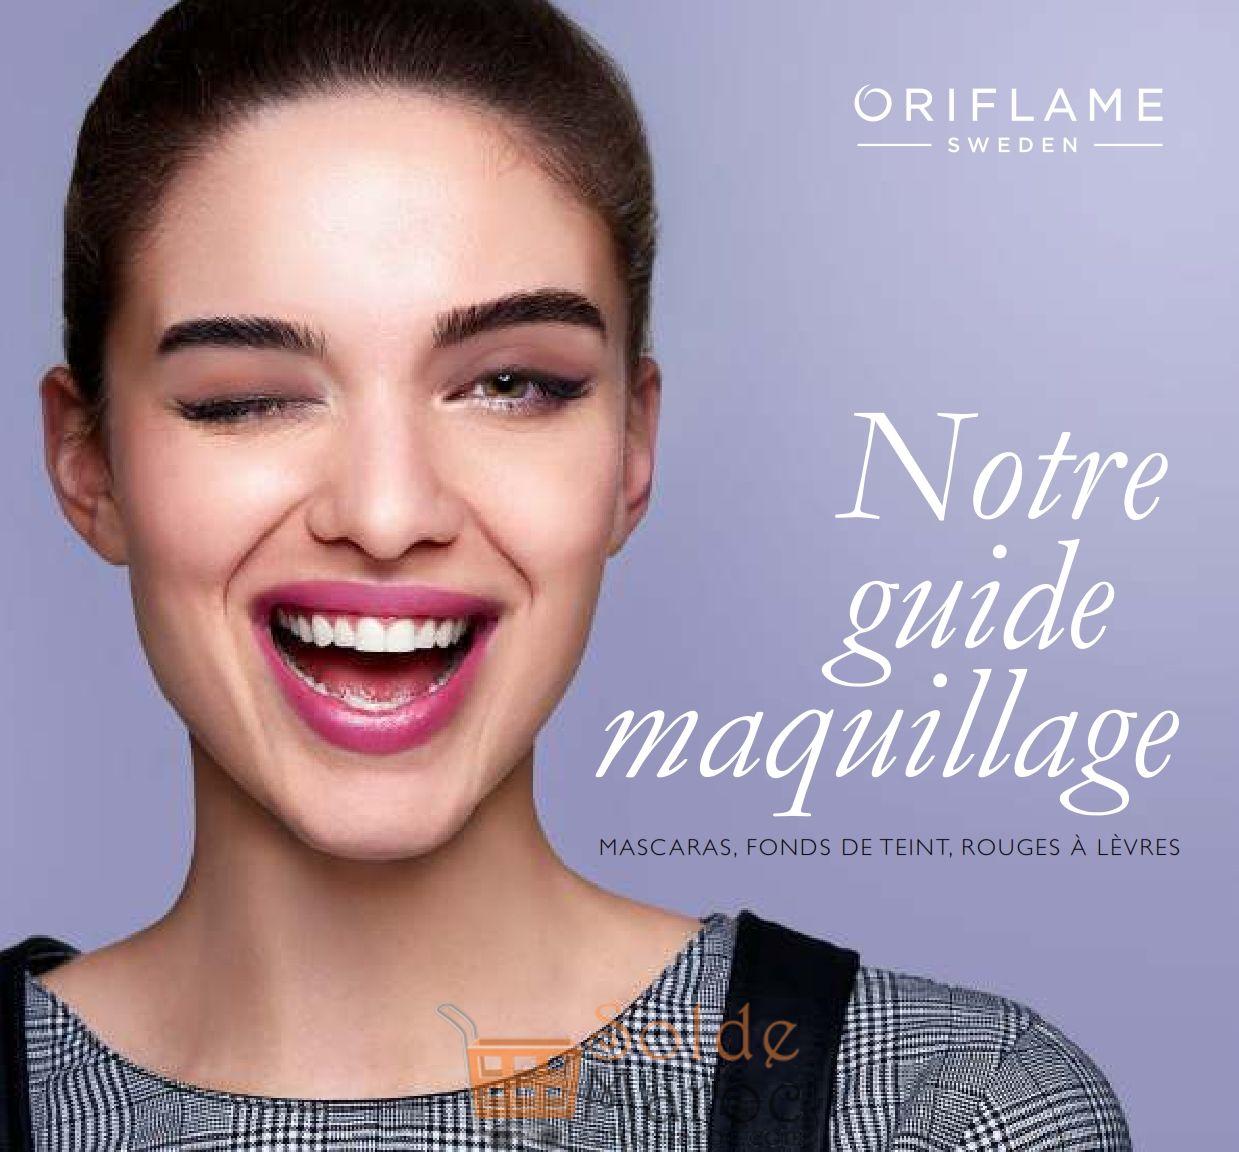 Catalogue Oriflma Maroc votre Guide Maquillage